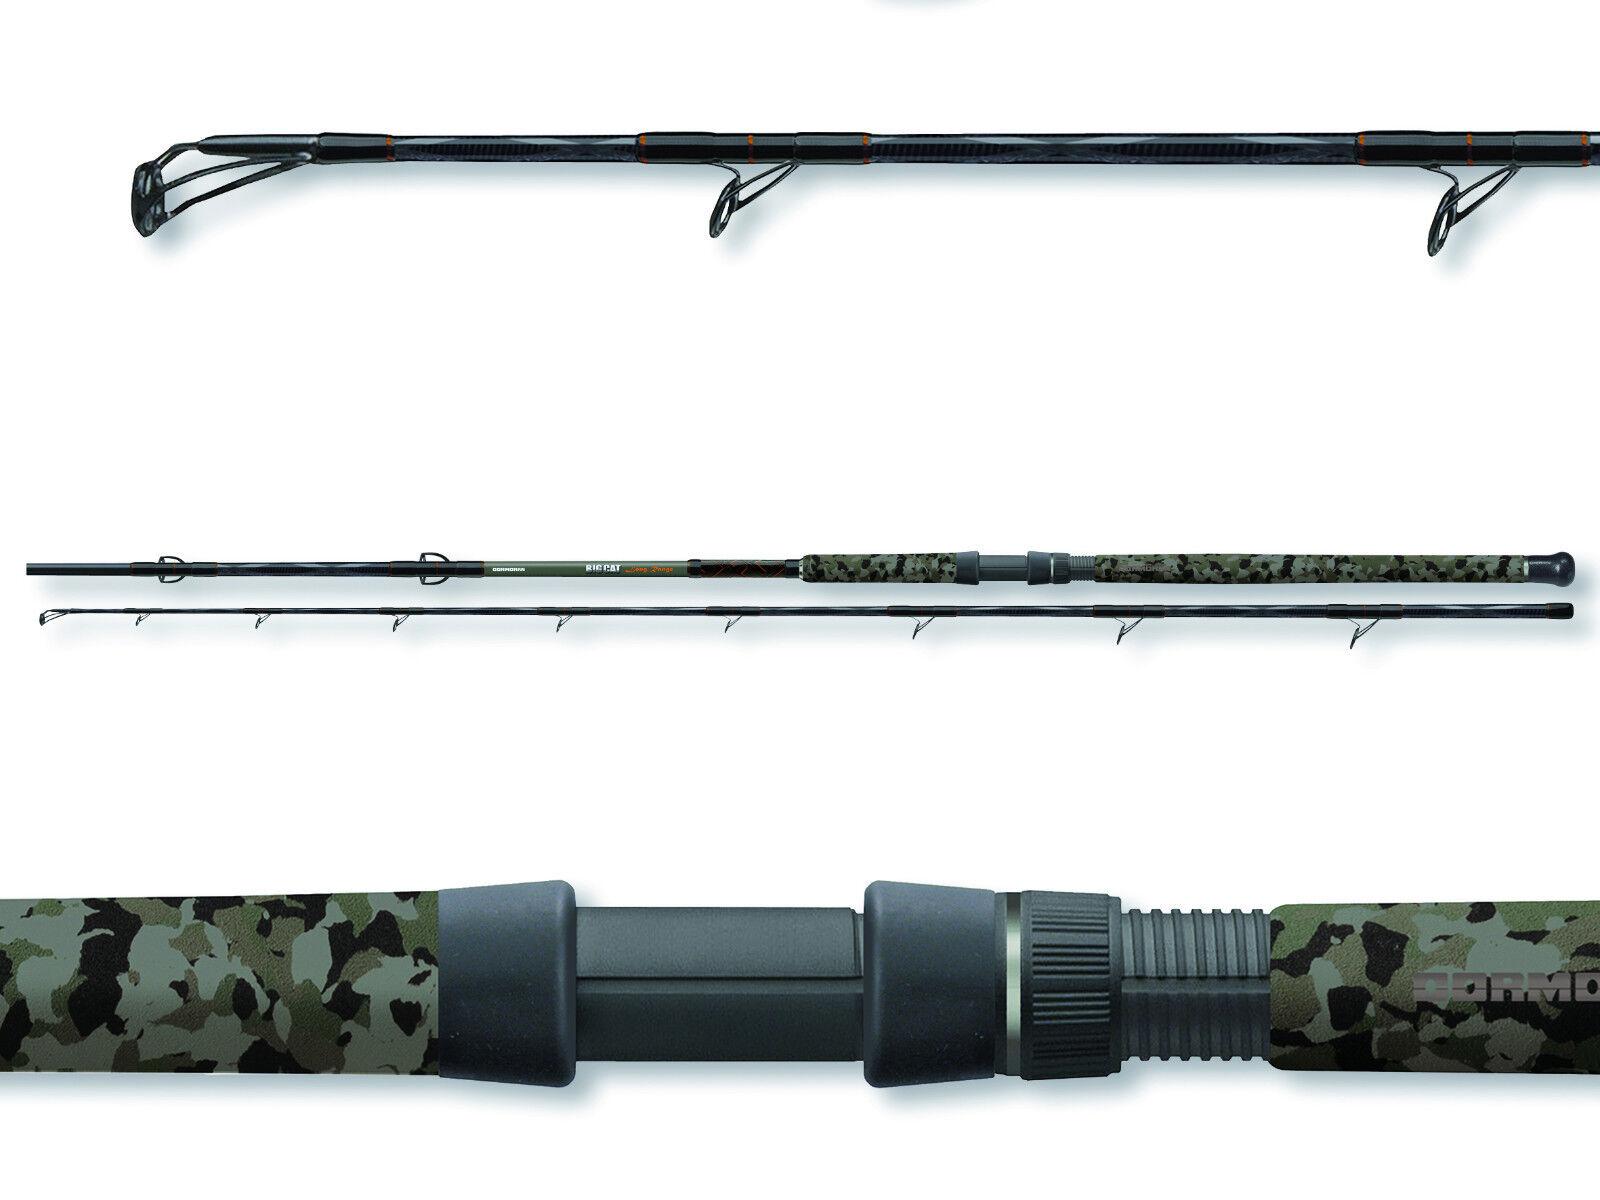 Cormoran Big Cat Long Range 3,30m 200-600g wallerrute welsrute